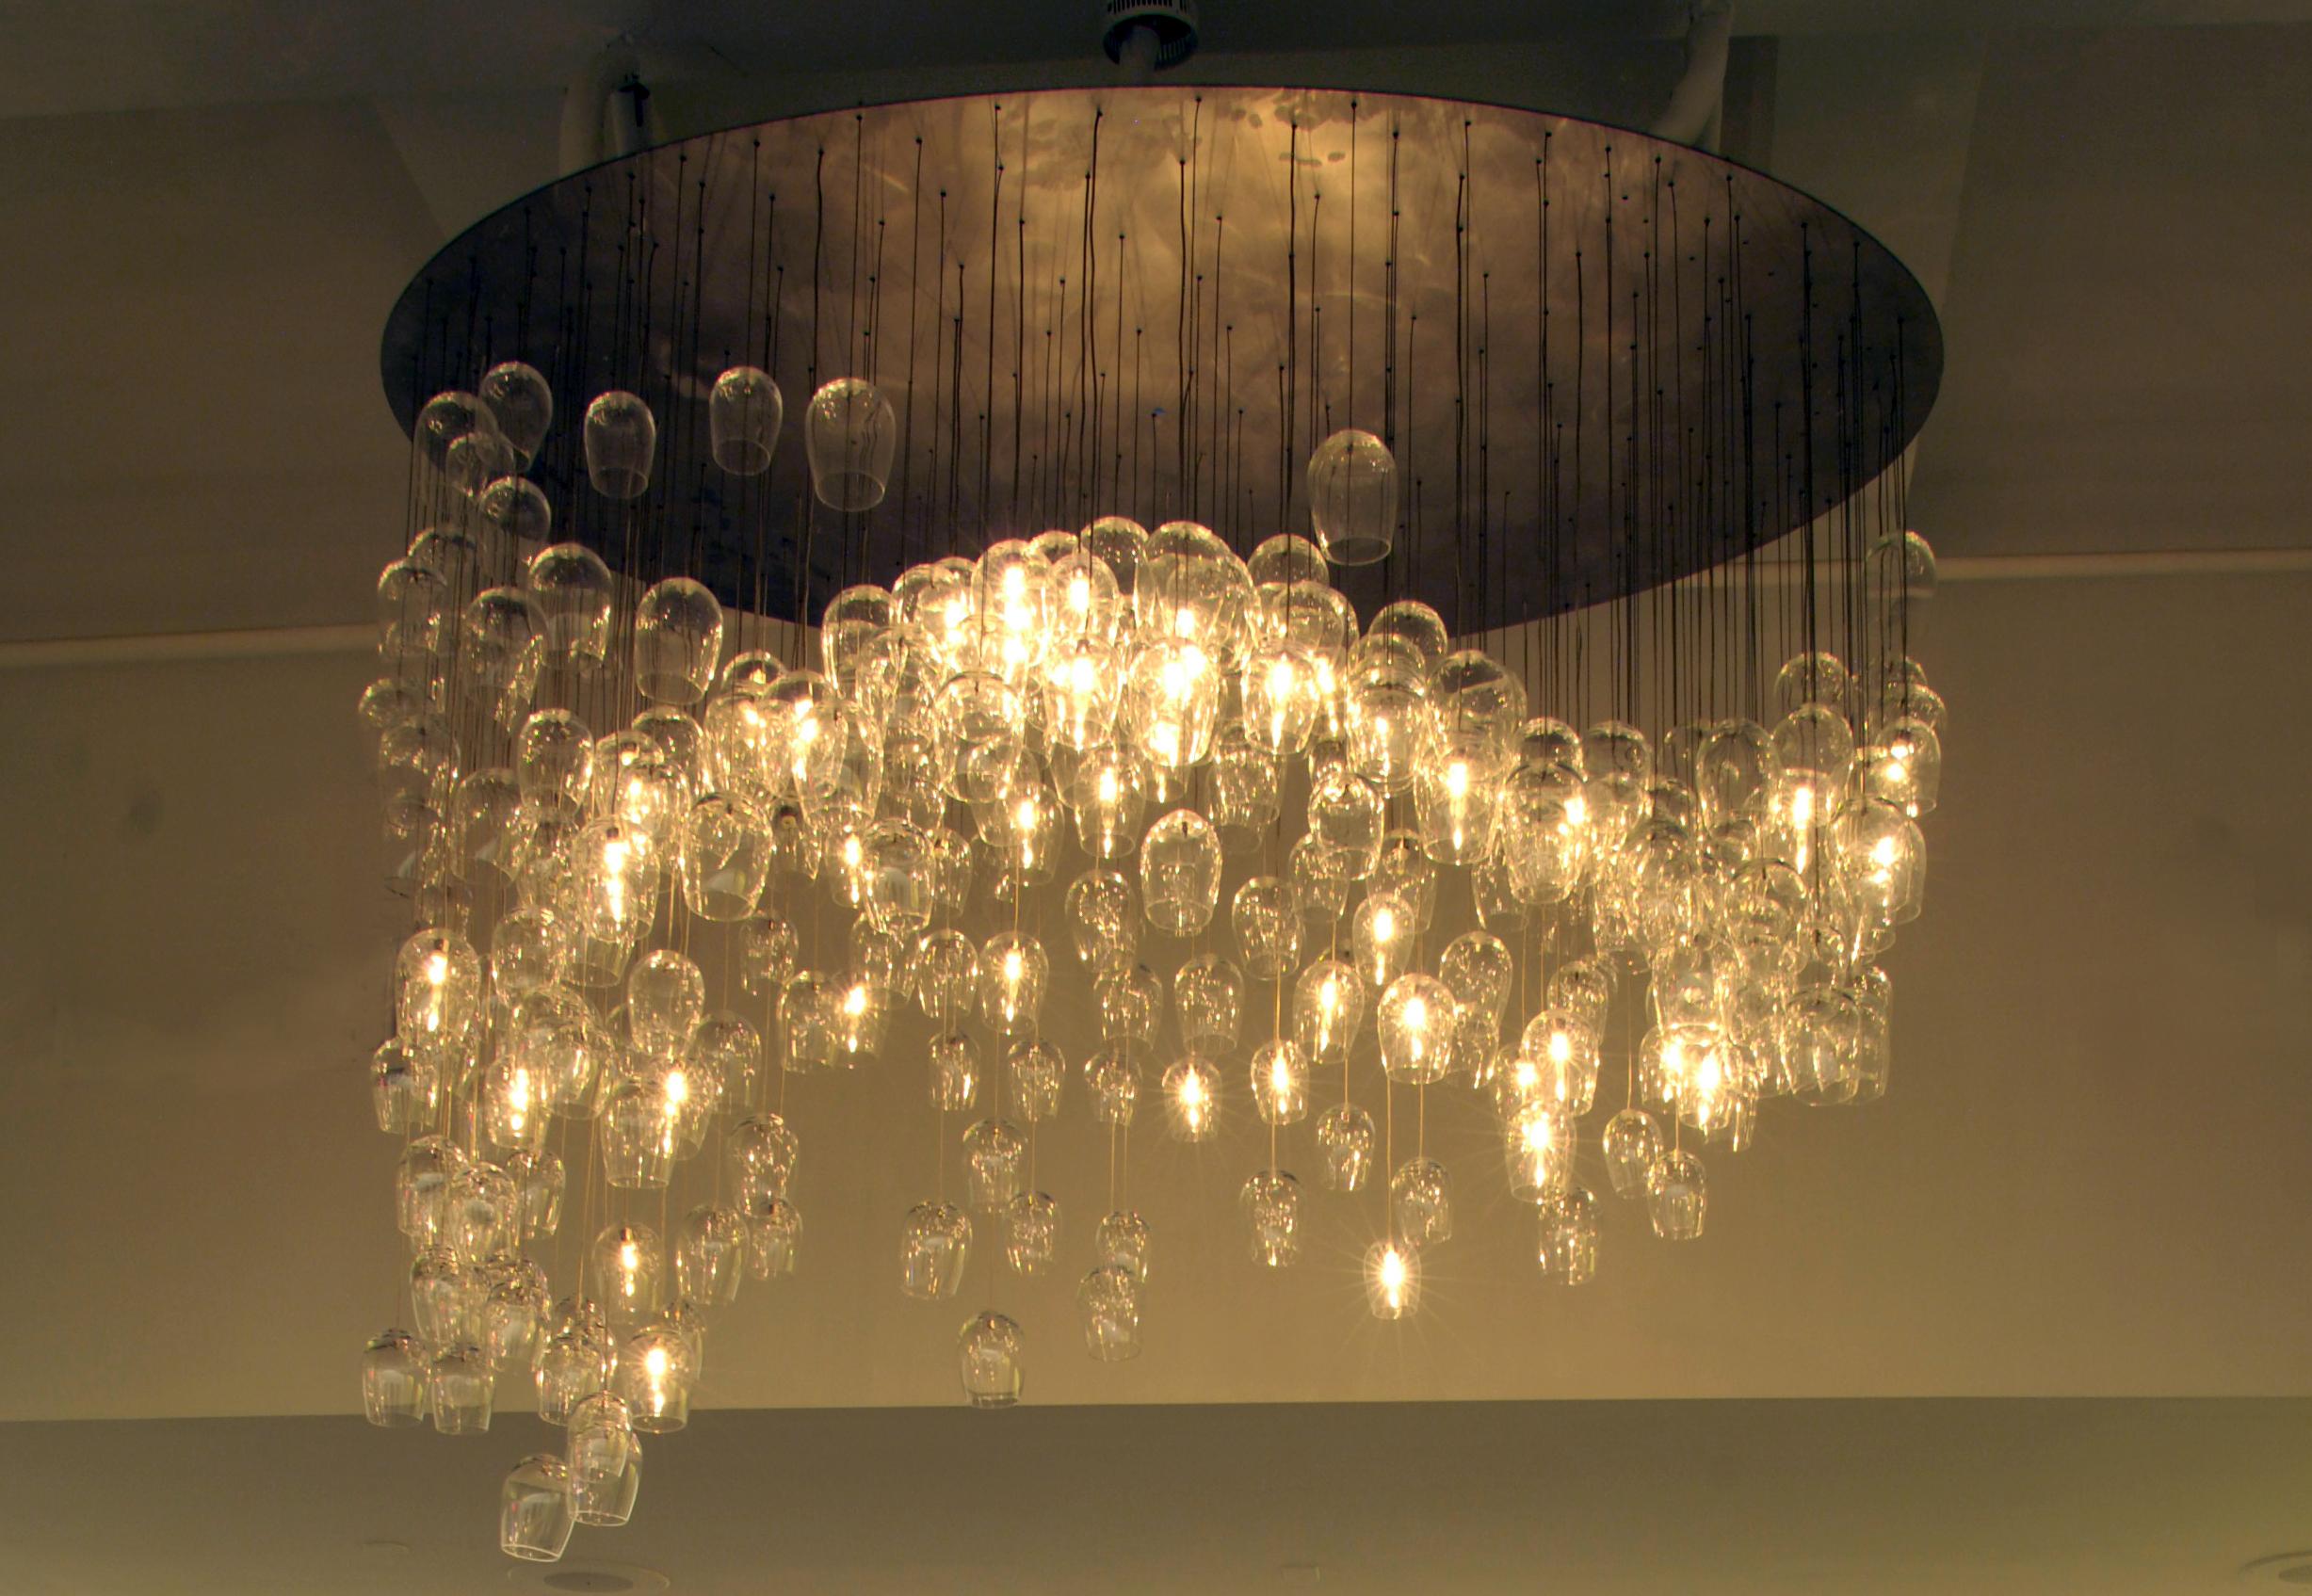 chandelier corrected copy.jpg